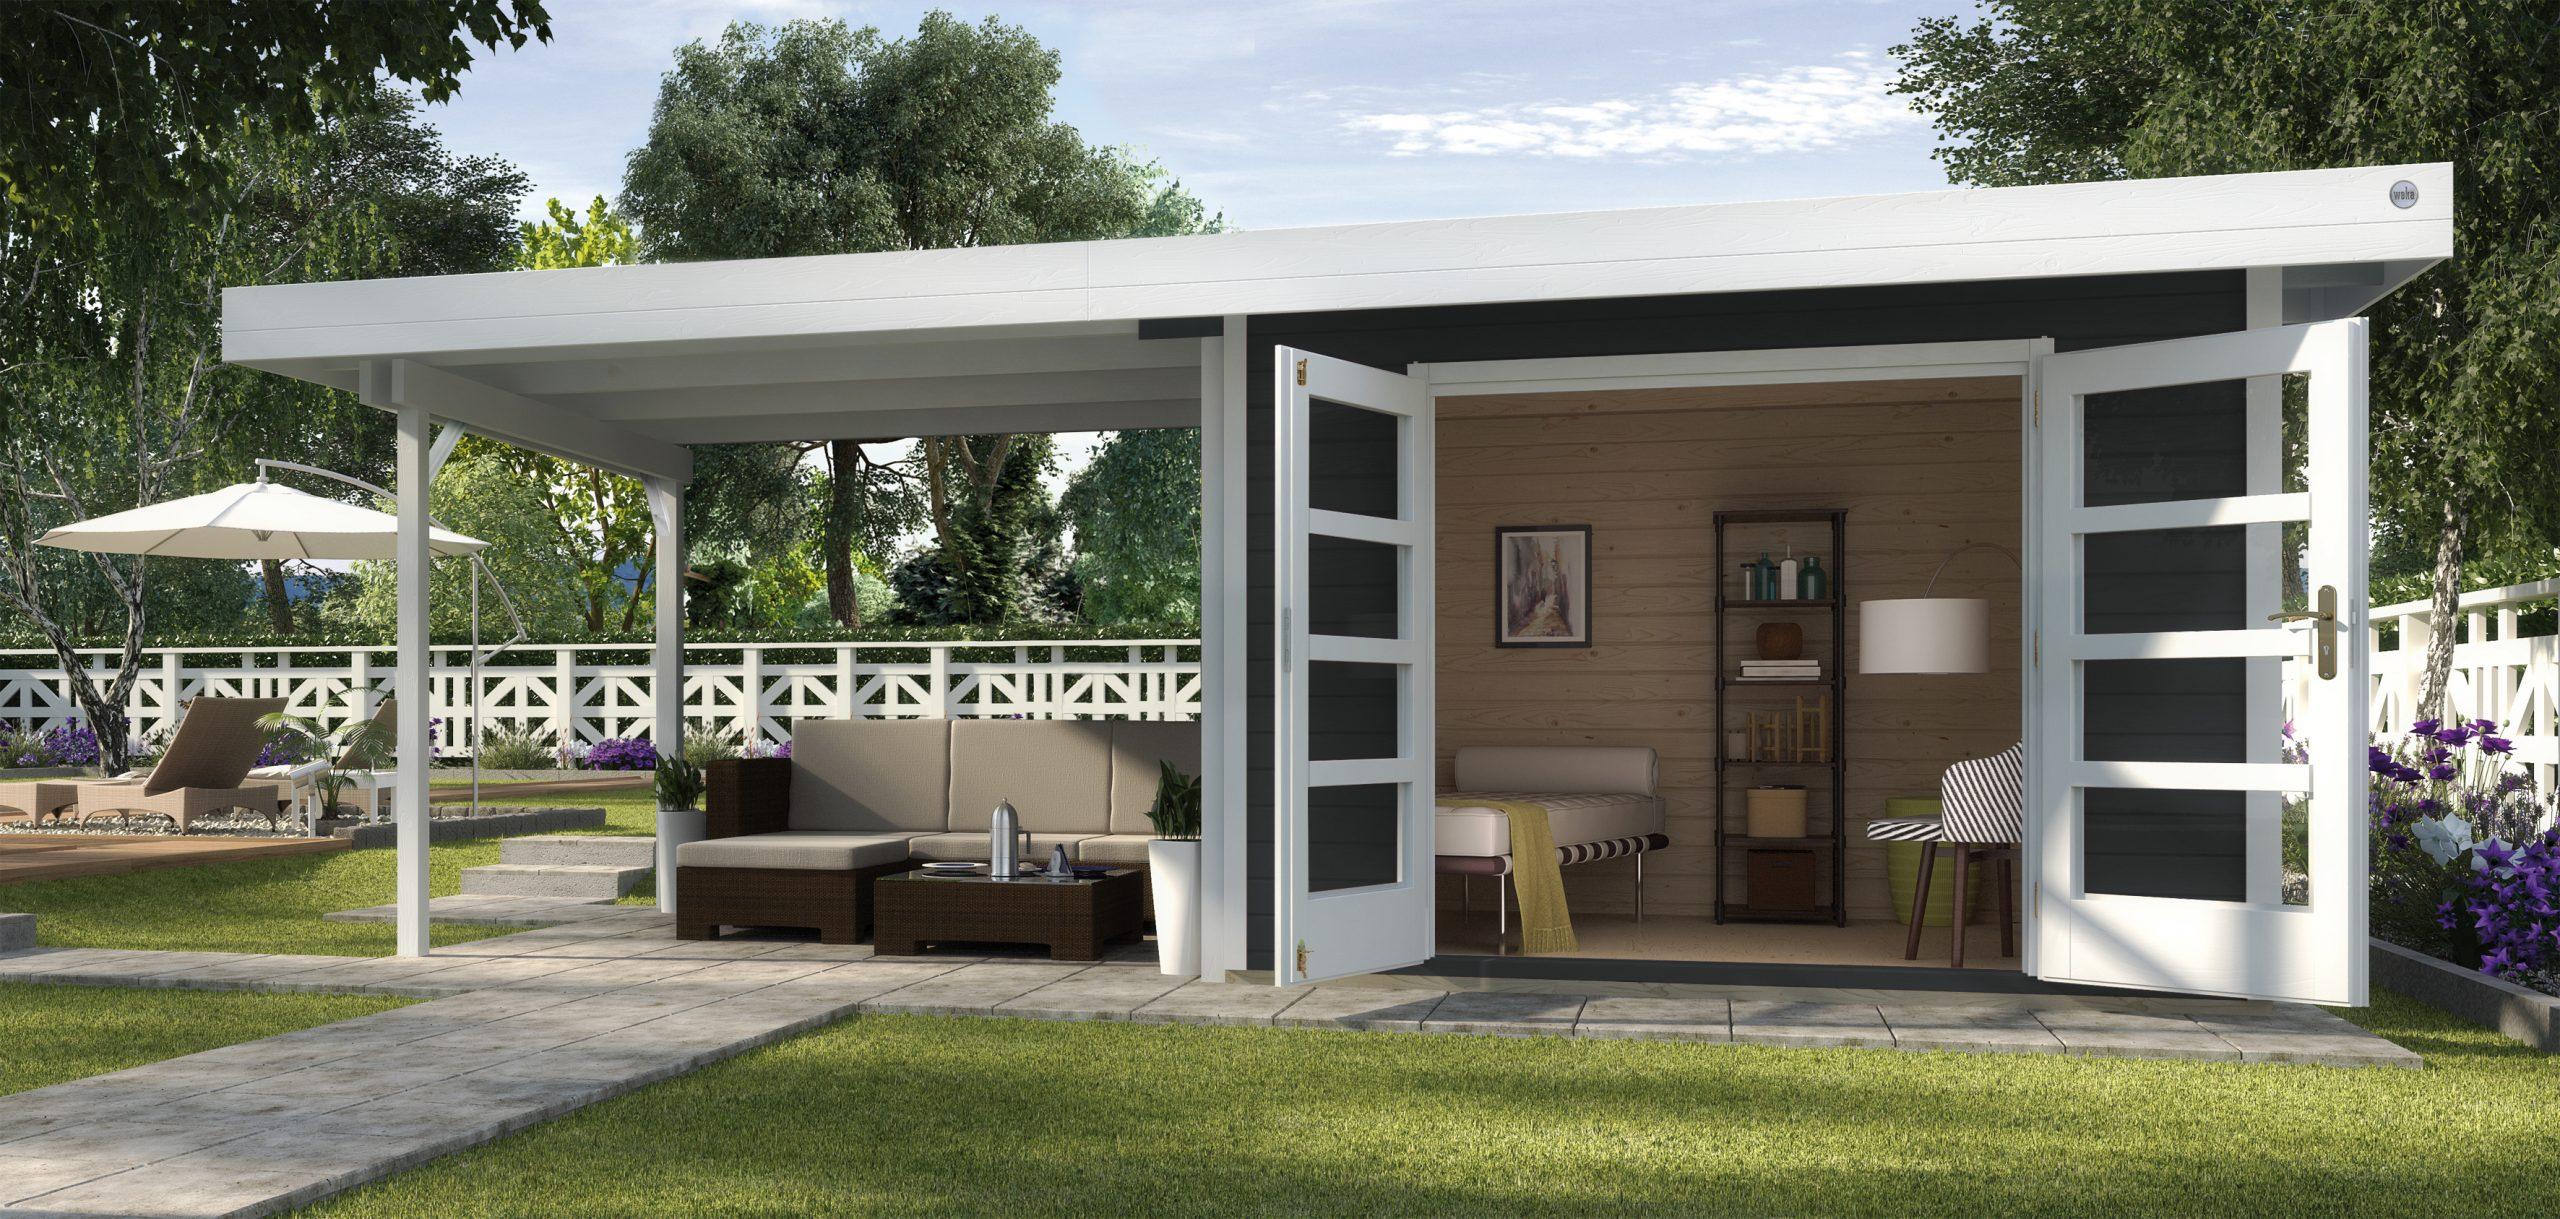 Abri De Jardin Design Toit Plat Avec Auvent - Abri Bois De 10 À 15 M² Nea  Concept à Abri De Jardin Avec Pergola